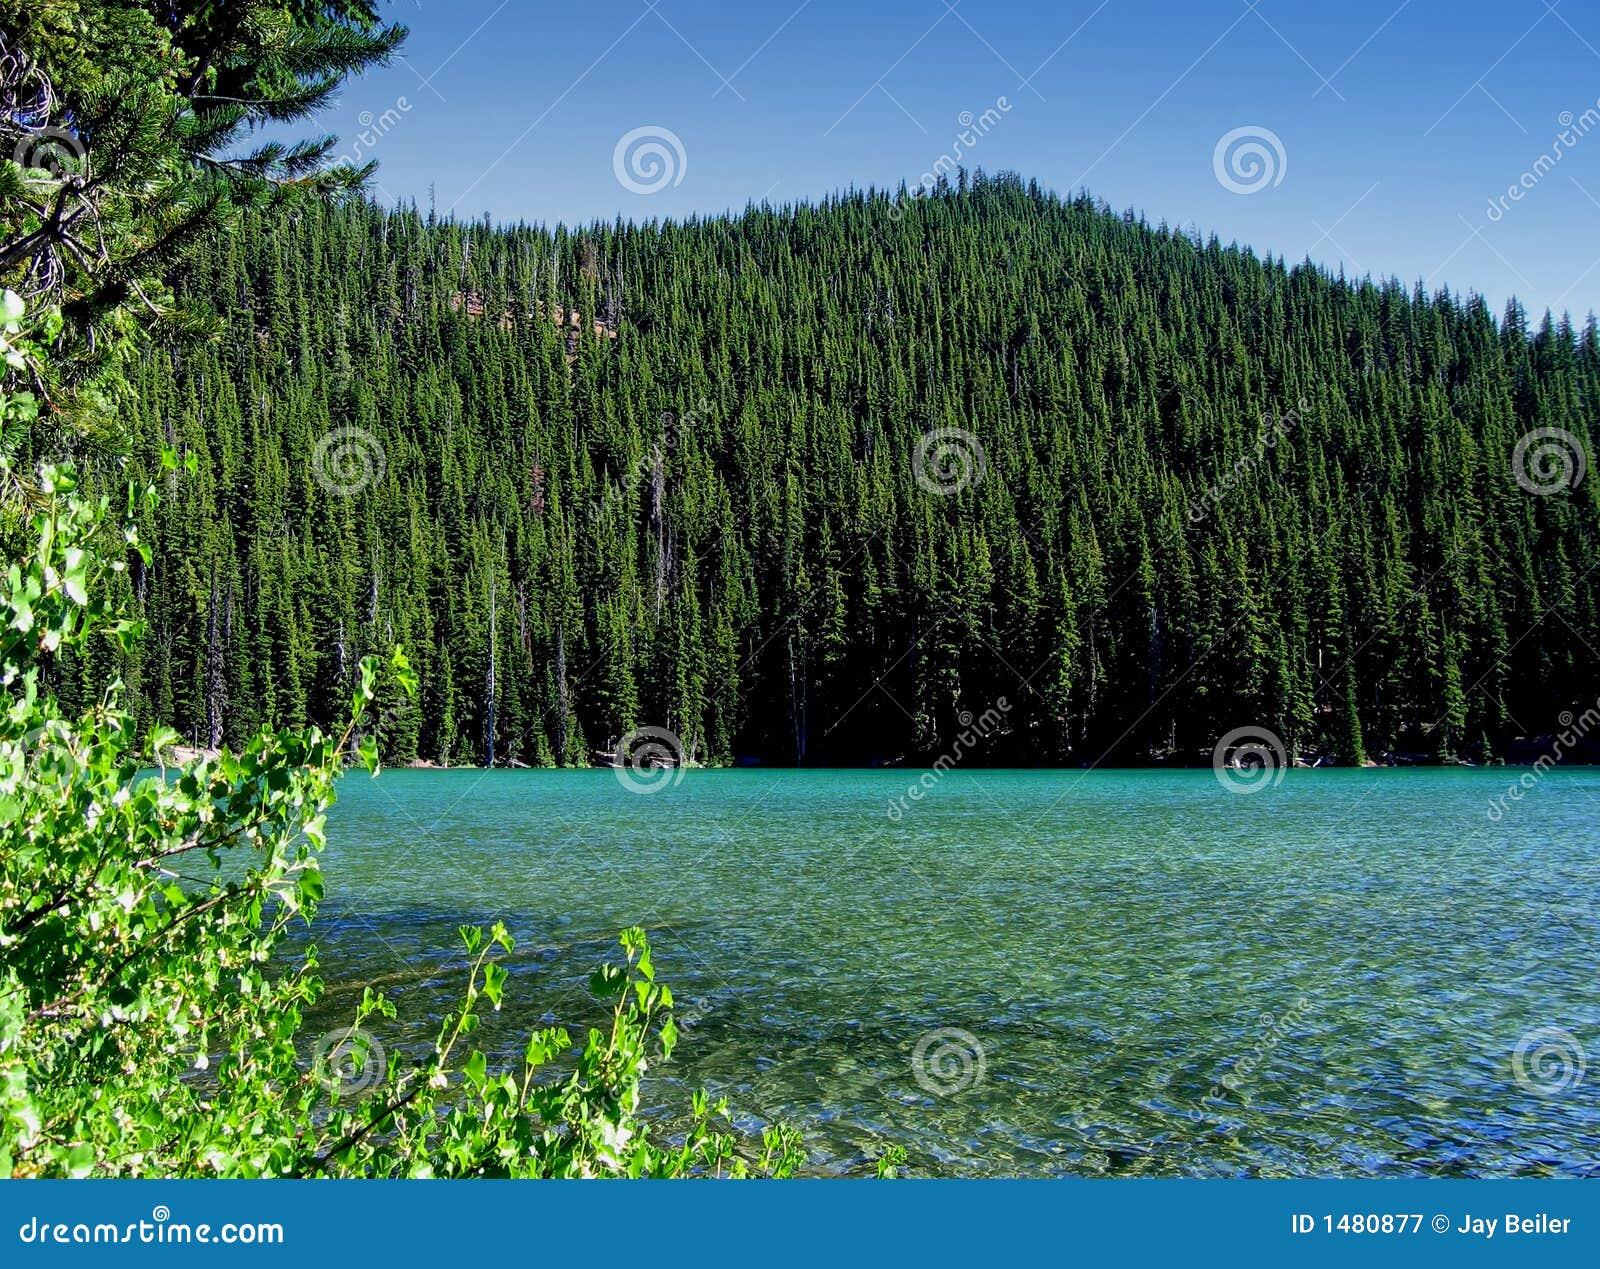 picture photo devils lake deschutes - photo #28